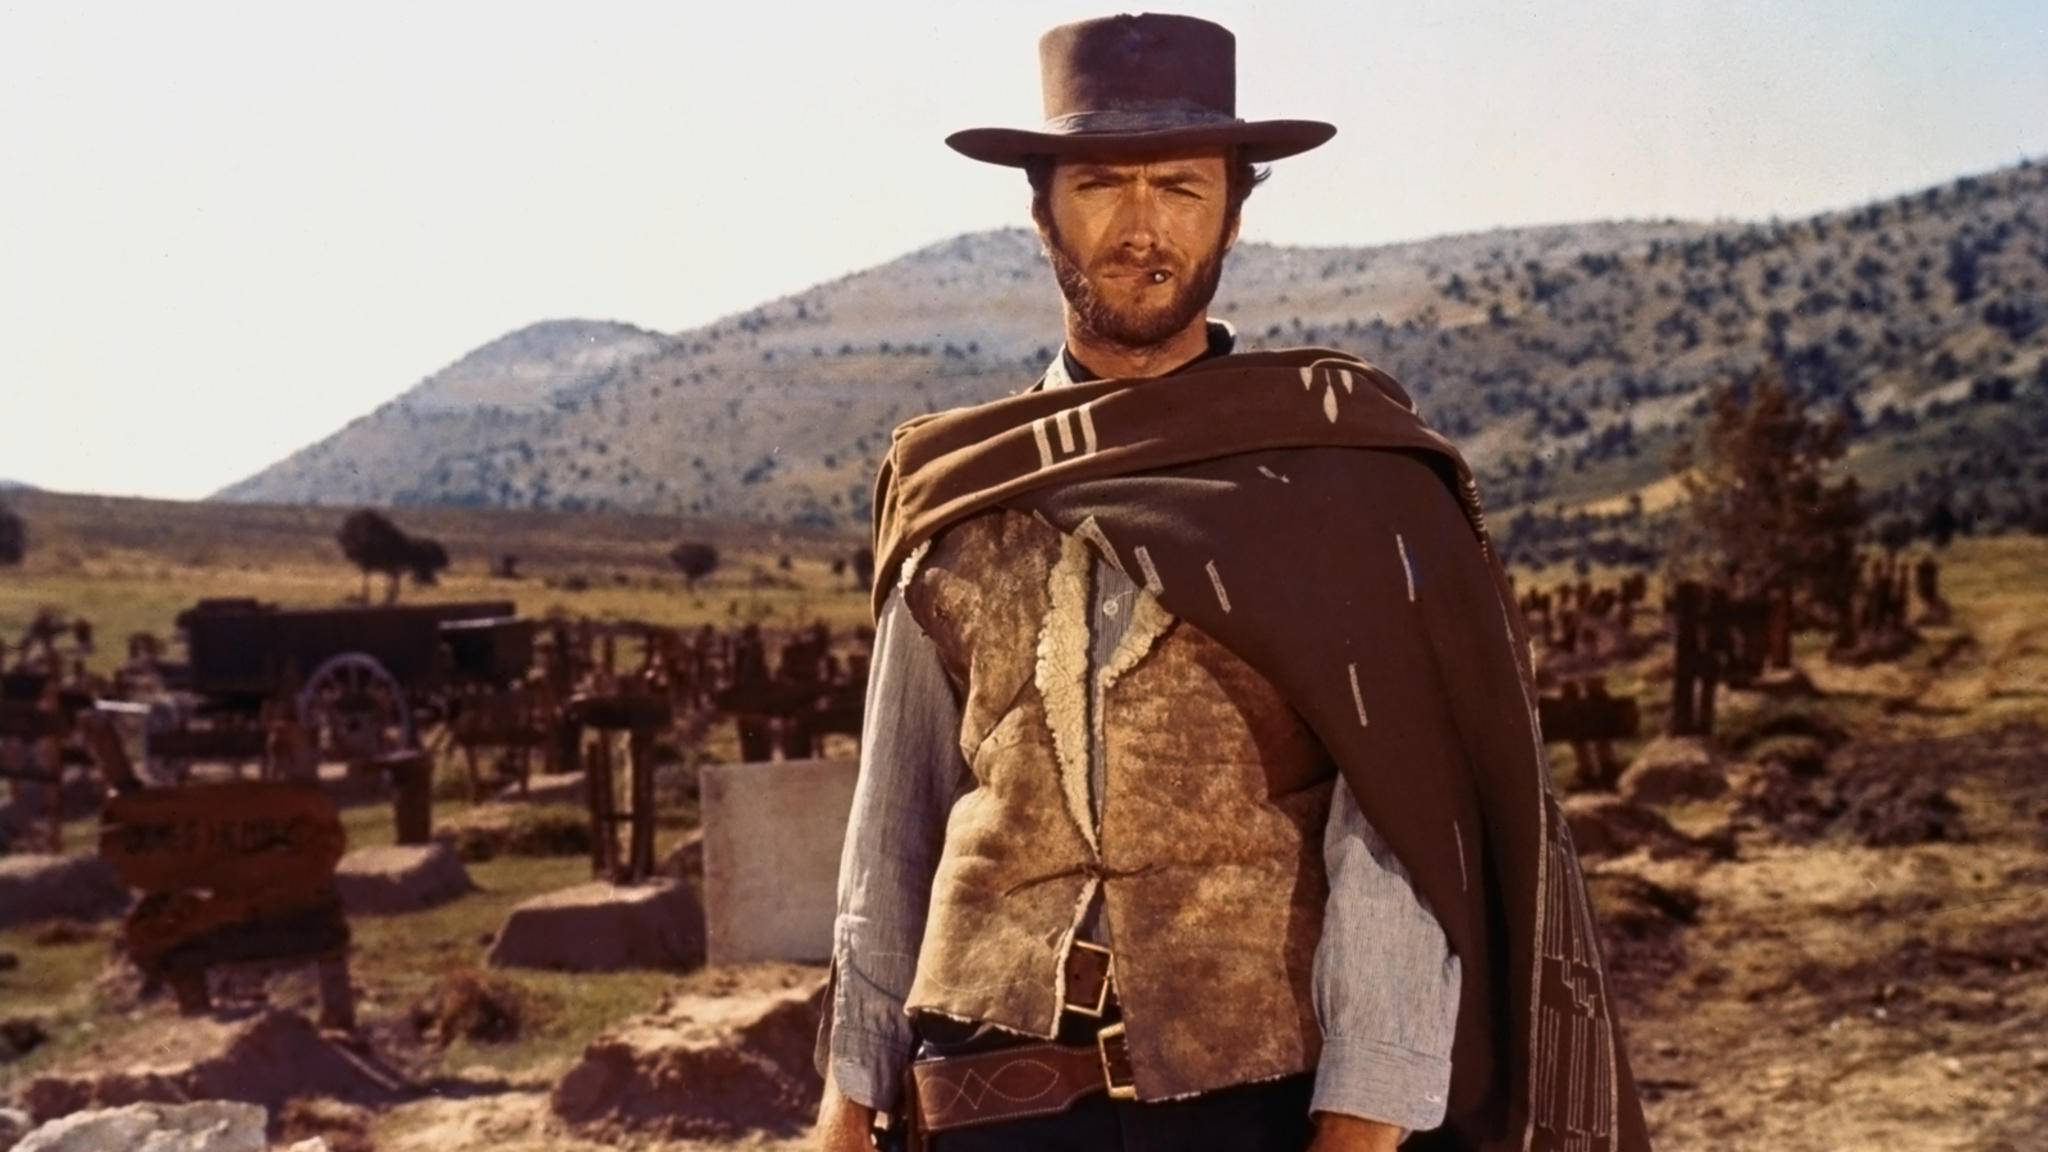 Hollywood-Ikone Clint Eastwood wurde dank Italo-Western berühmt.